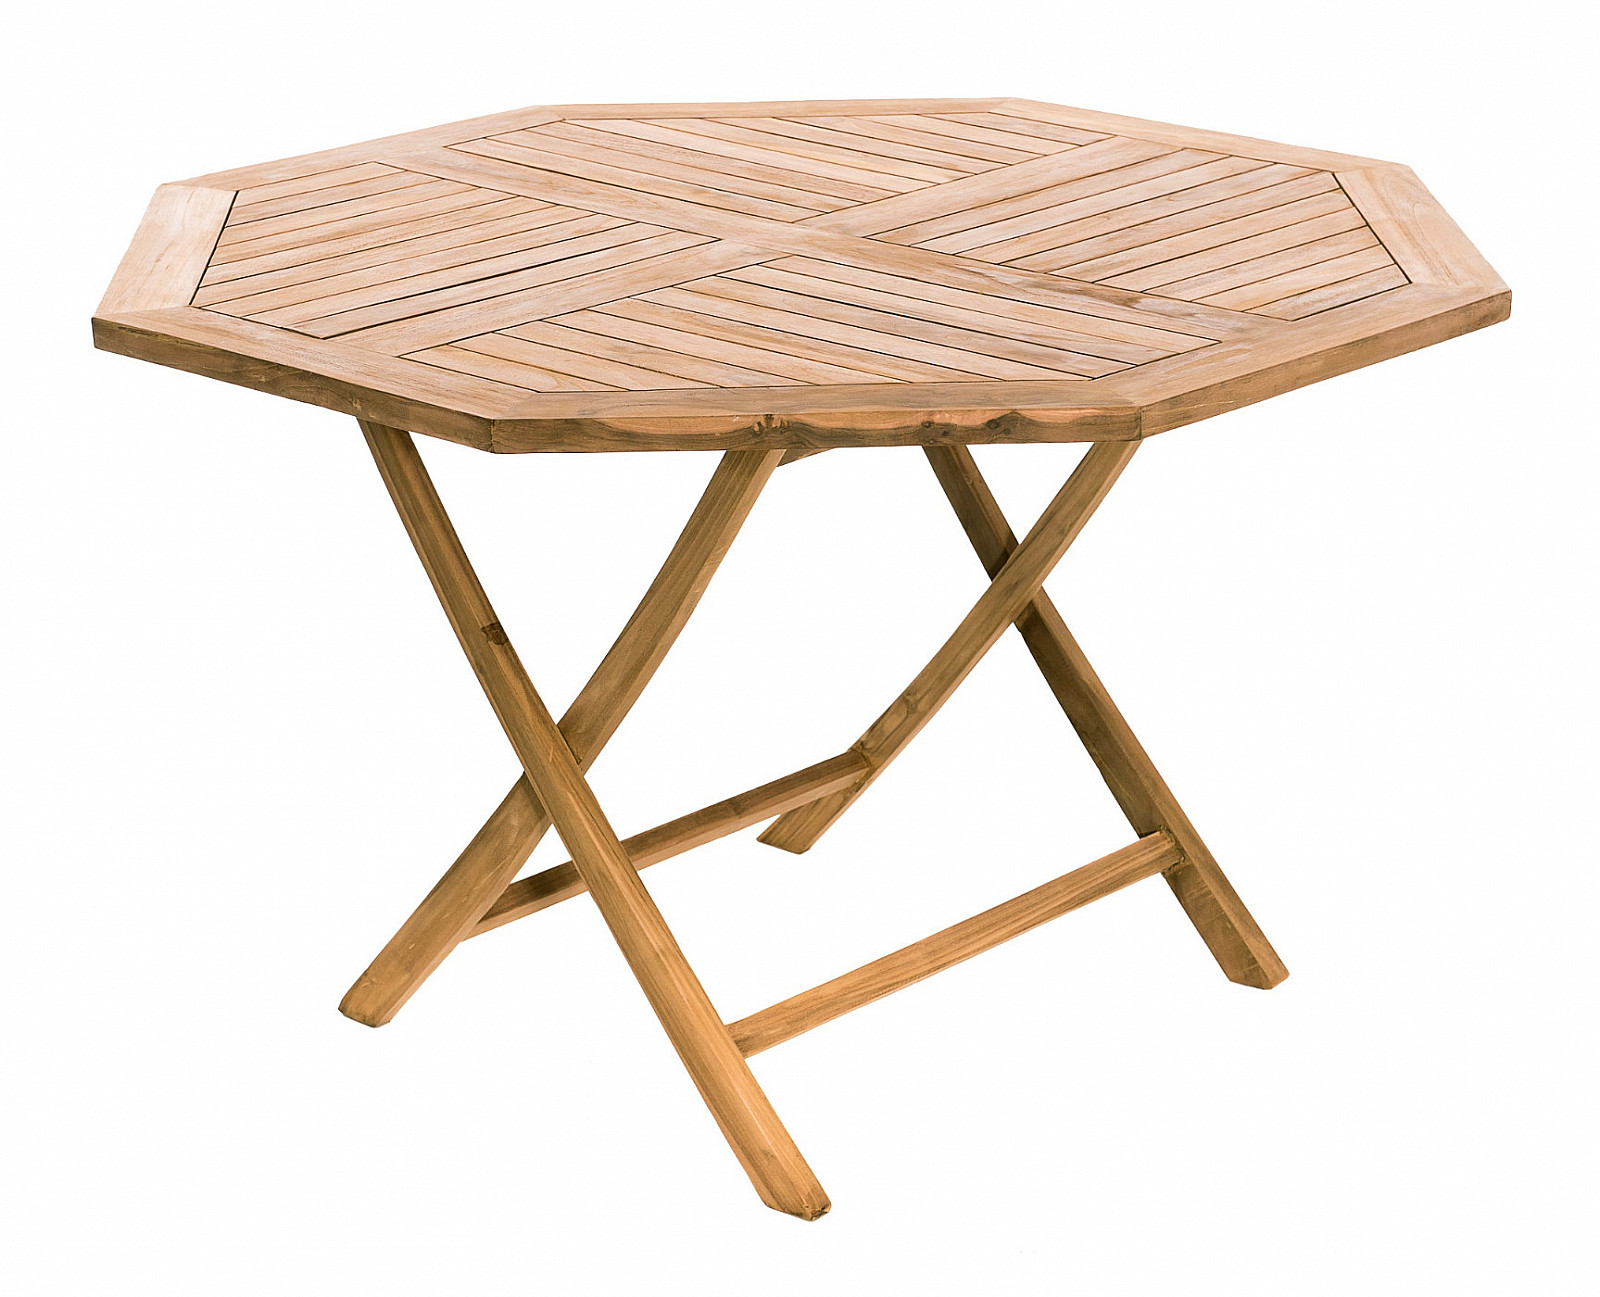 DEOKORK VÝPREDAJ Záhradný skládací stôl osemuholník HAGEN ⌀ 120 cm (teak)